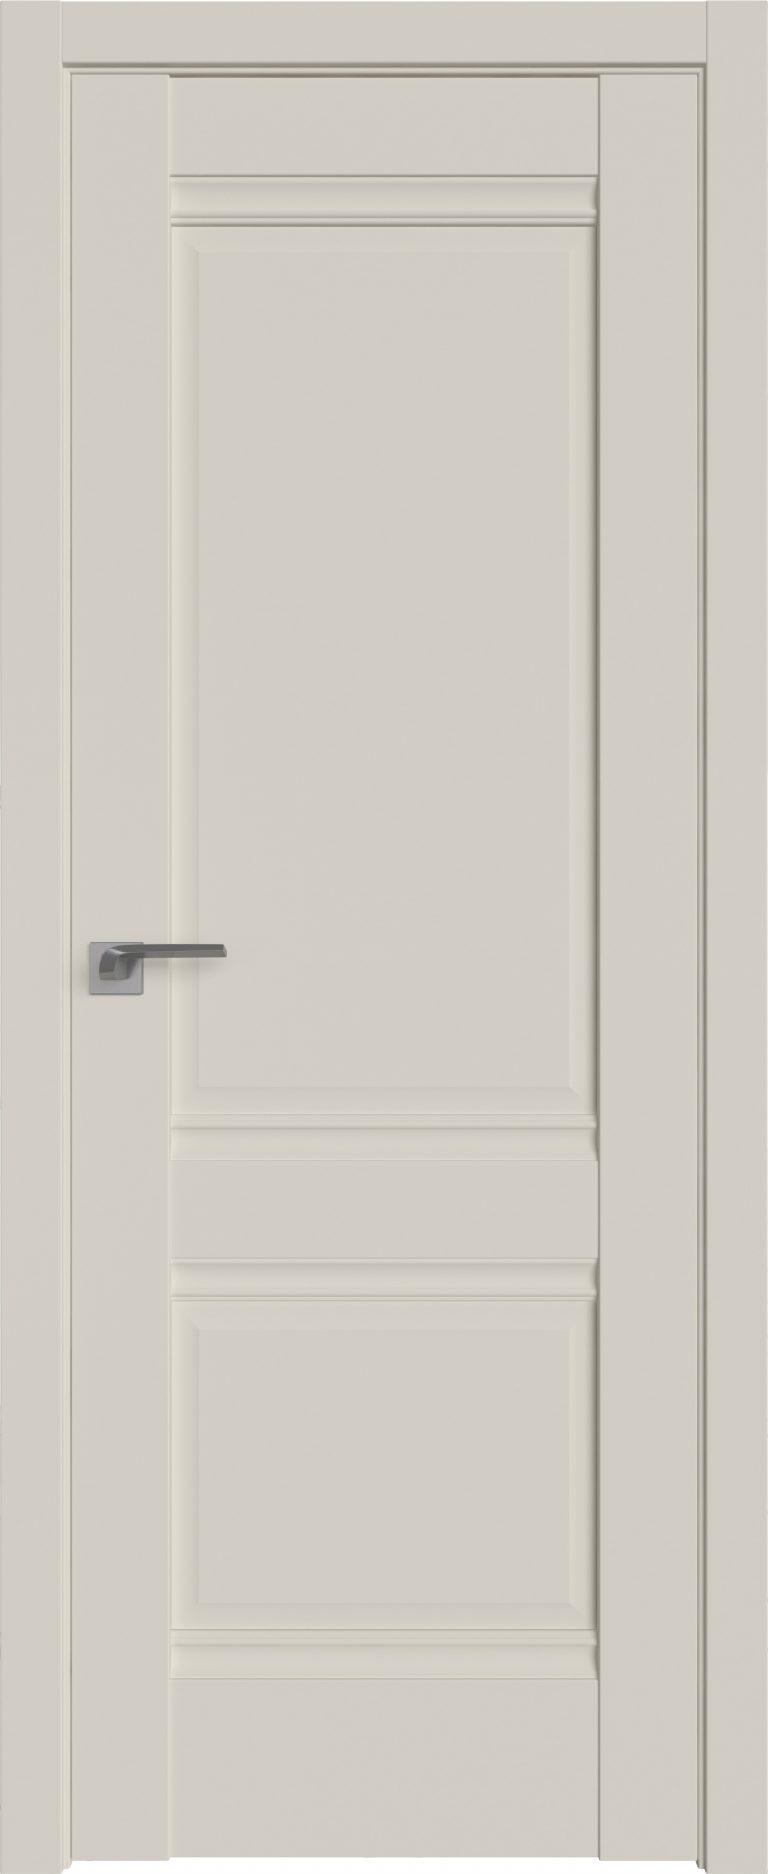 Межкомнатная дверь Profildoors 1U Магнолия Сатинат